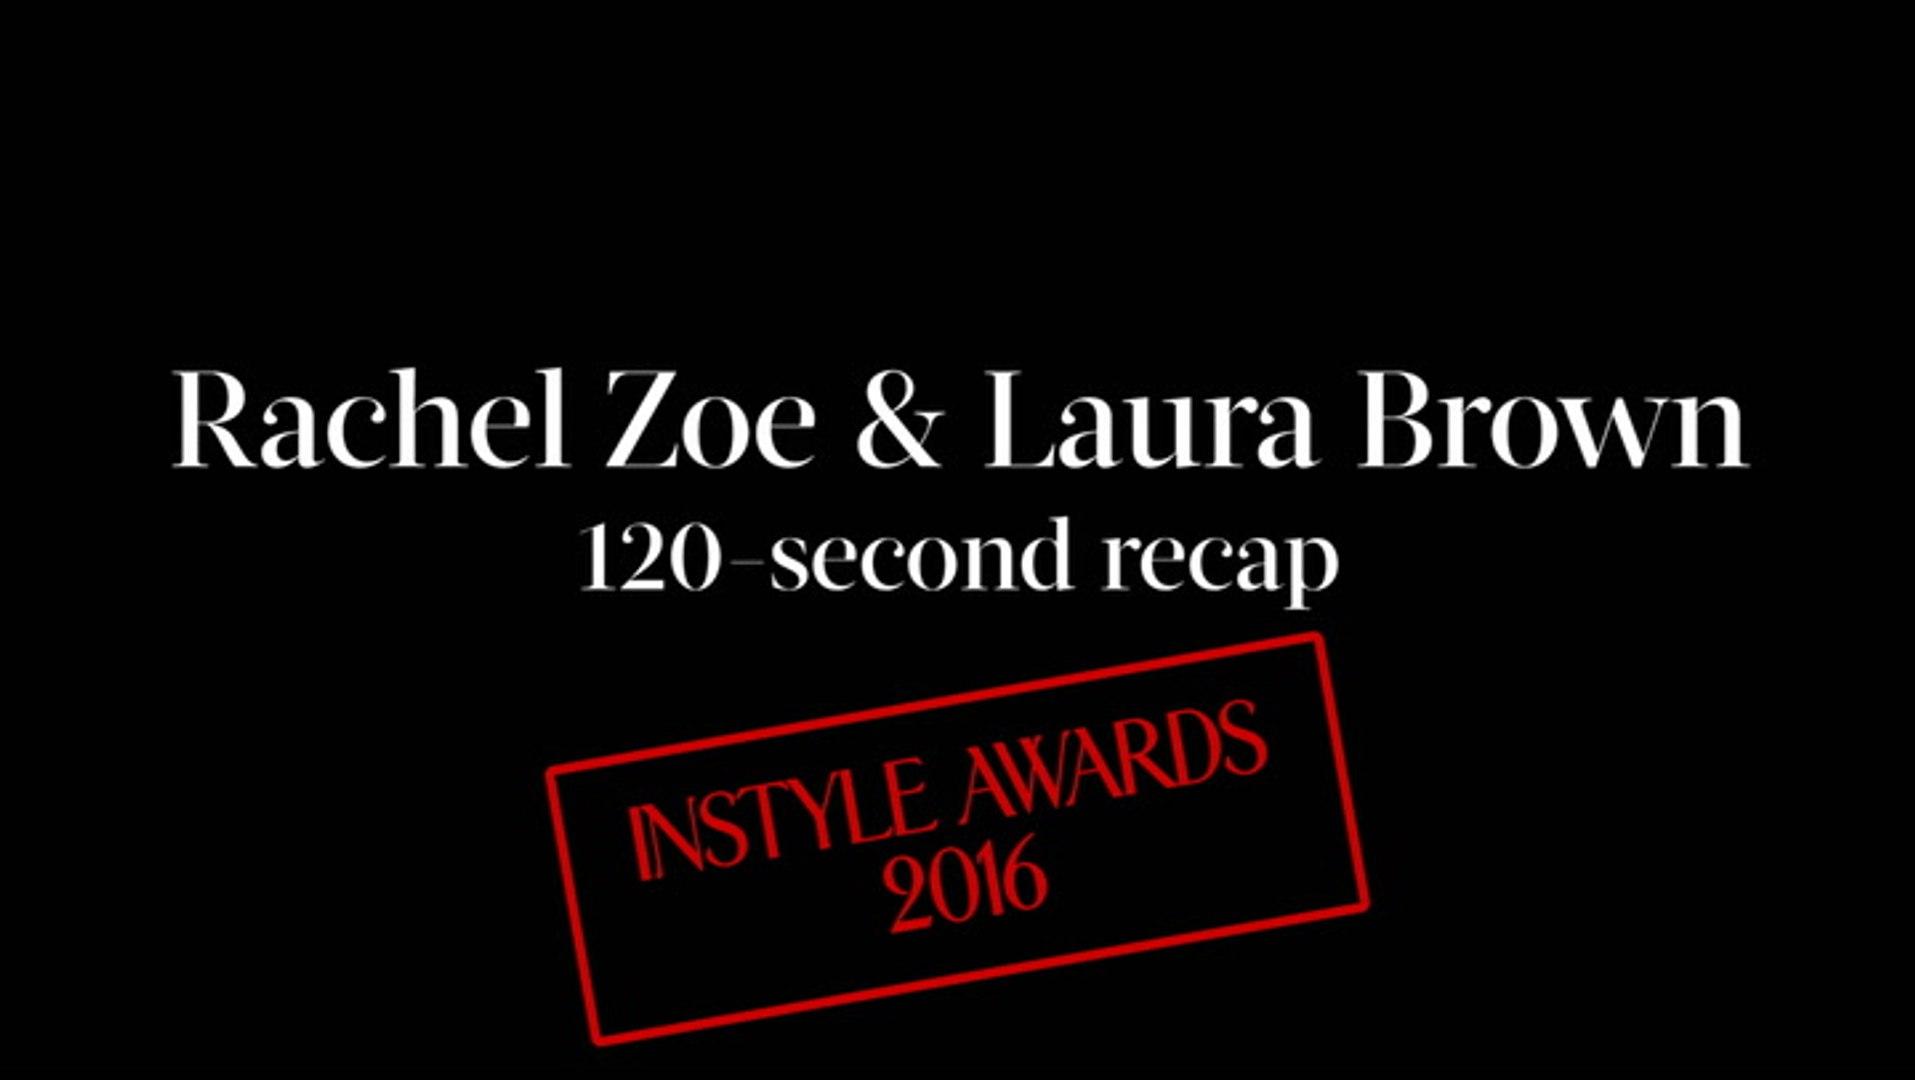 Rachel Zoe & Laura Brown 120-Second Recap